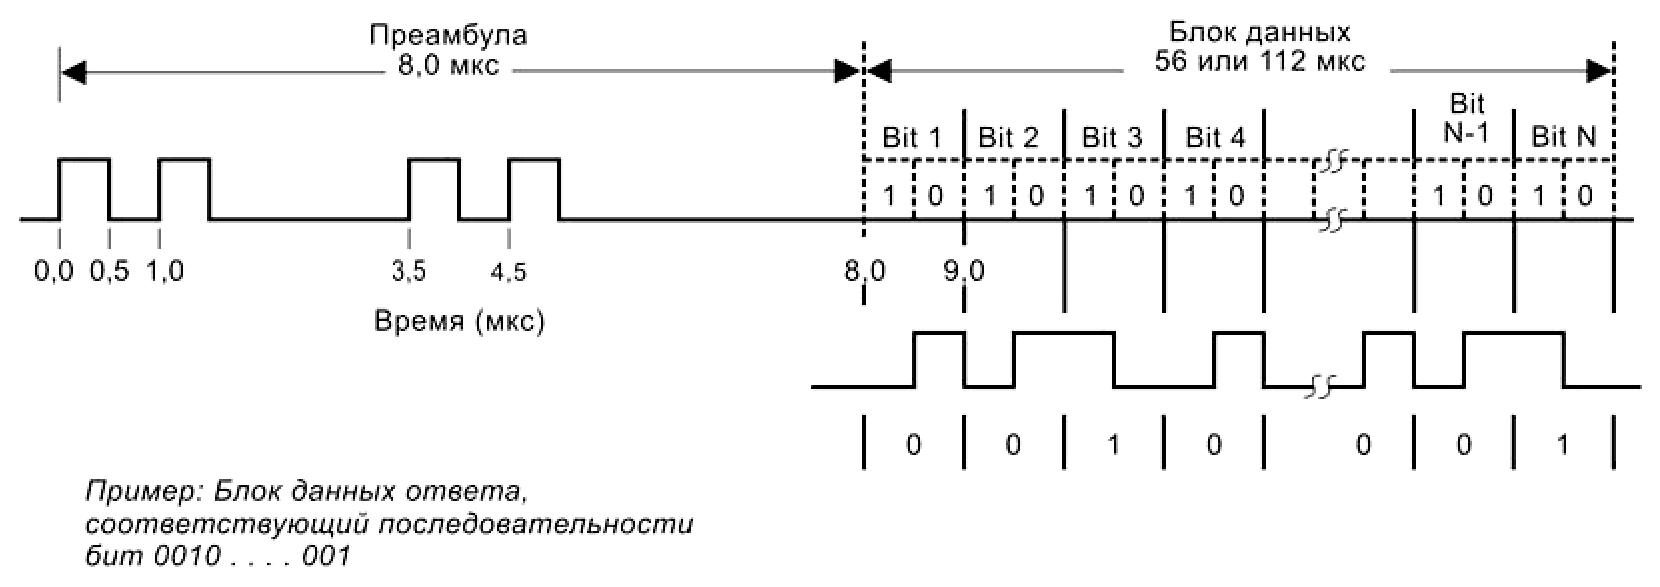 Система пространственного позиционирования для авиации (применяем FPGA) - 2